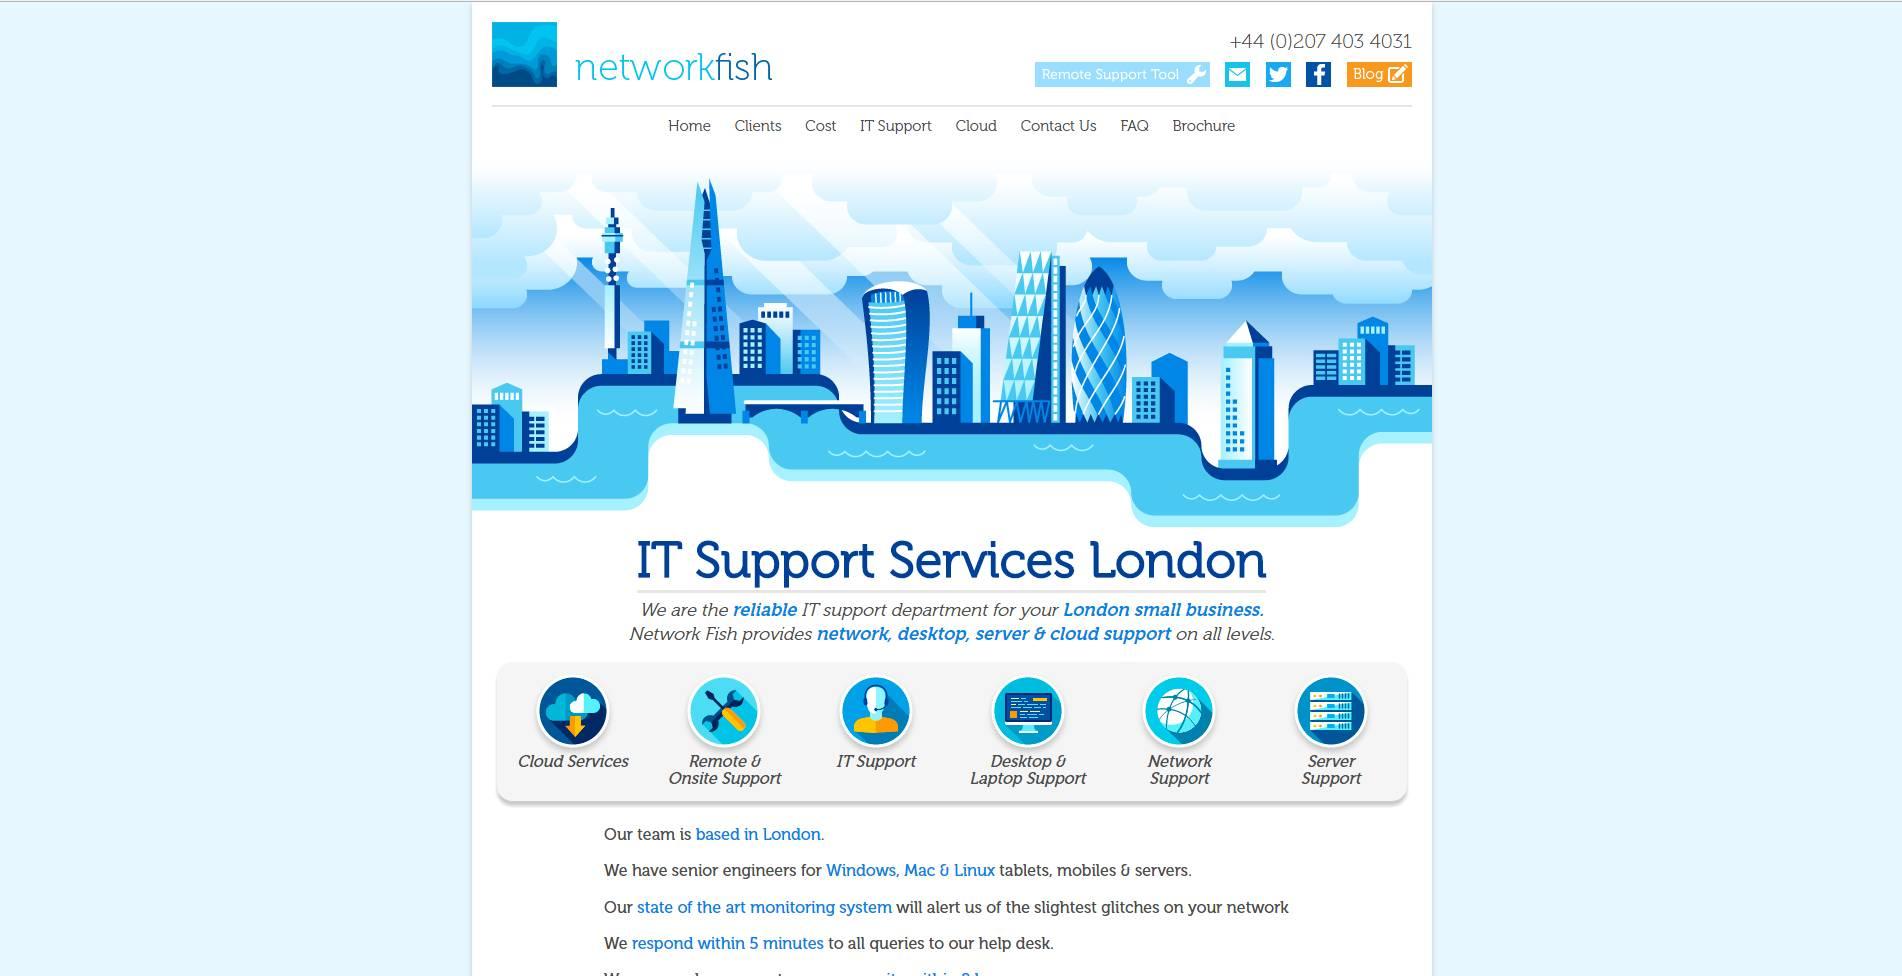 NetworkFish